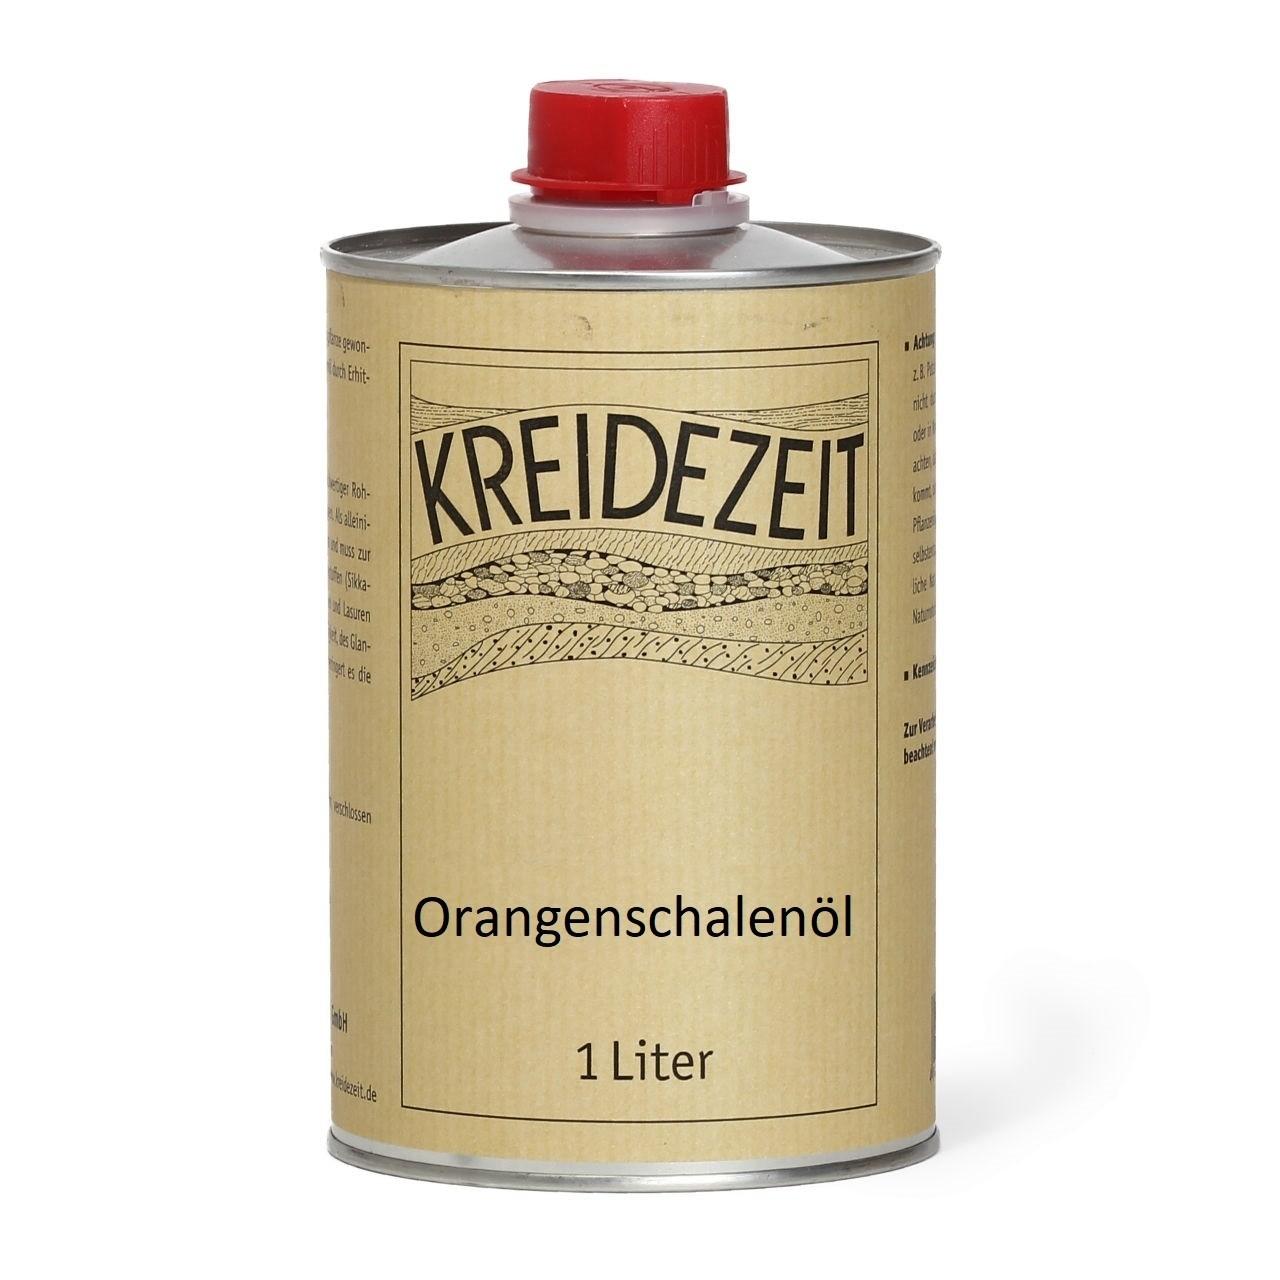 Orangenschalenöl 1 L